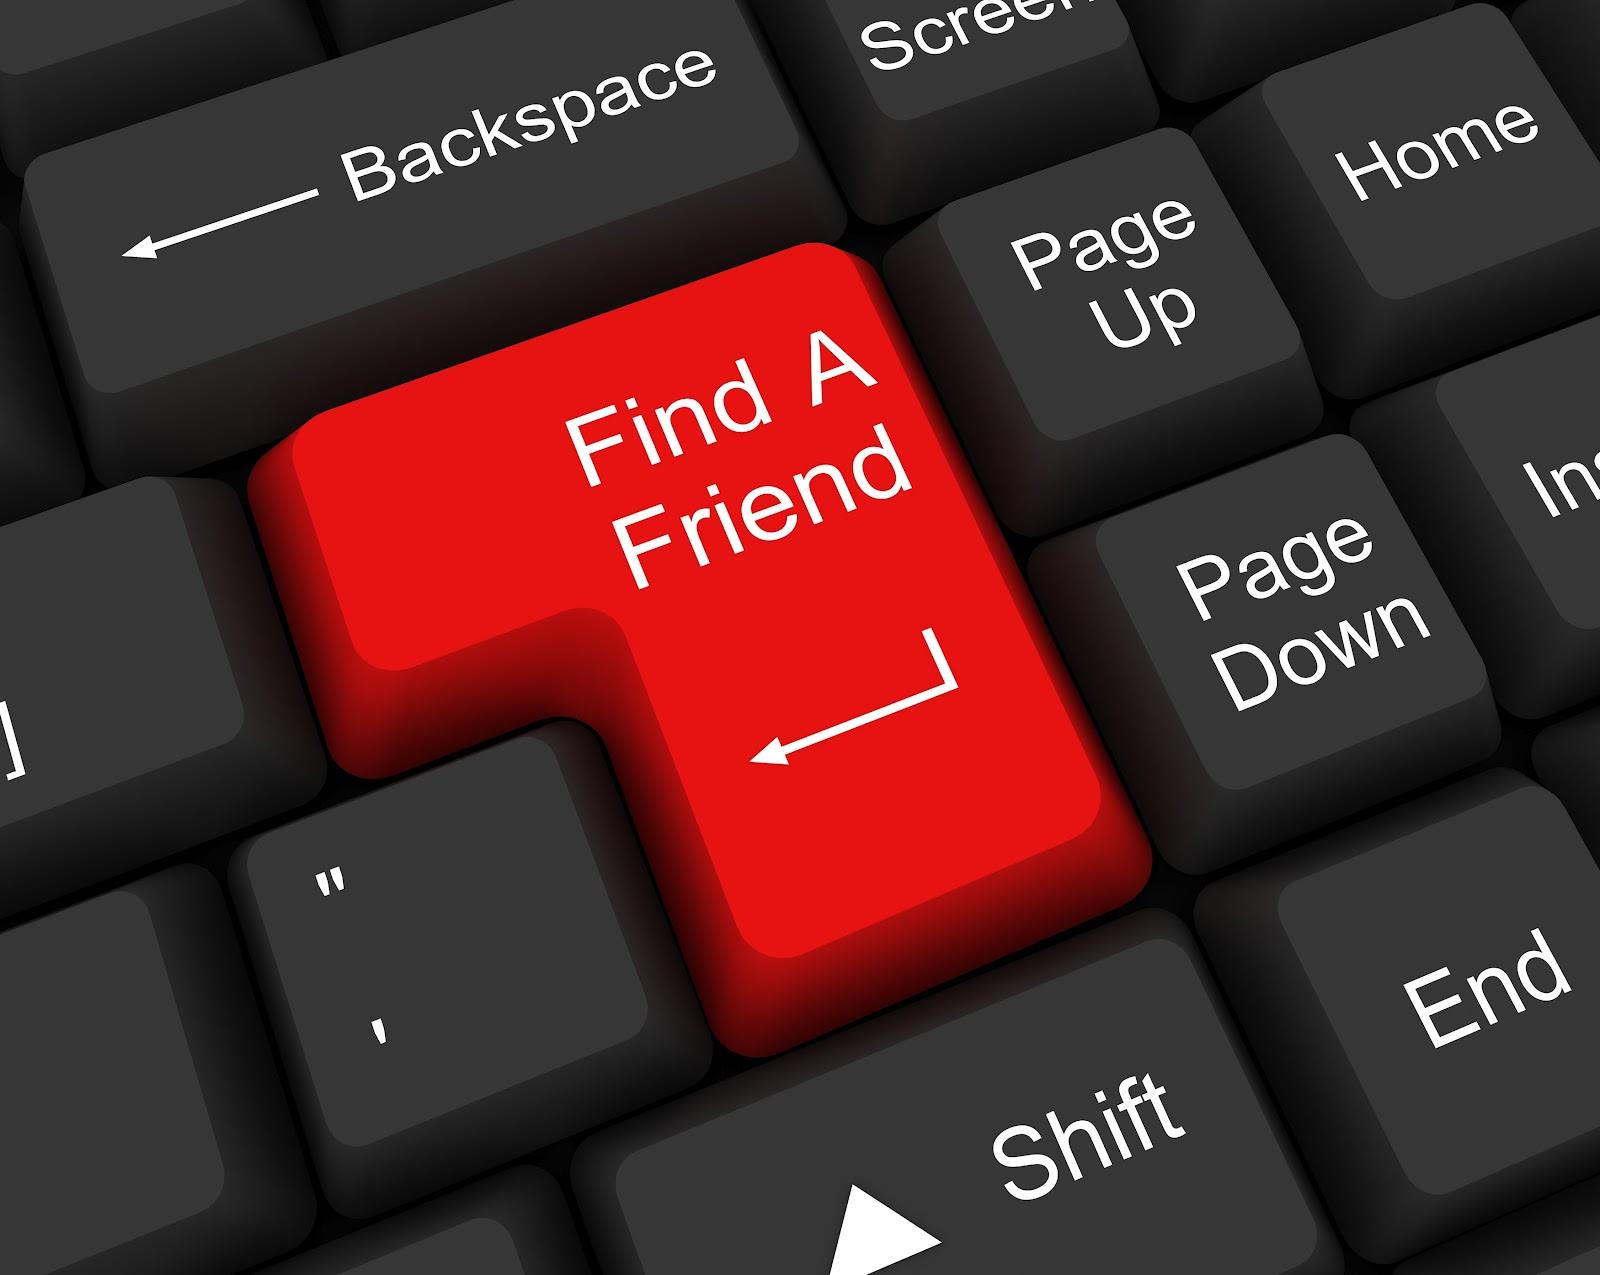 Kontakte ohne partnervermittlung